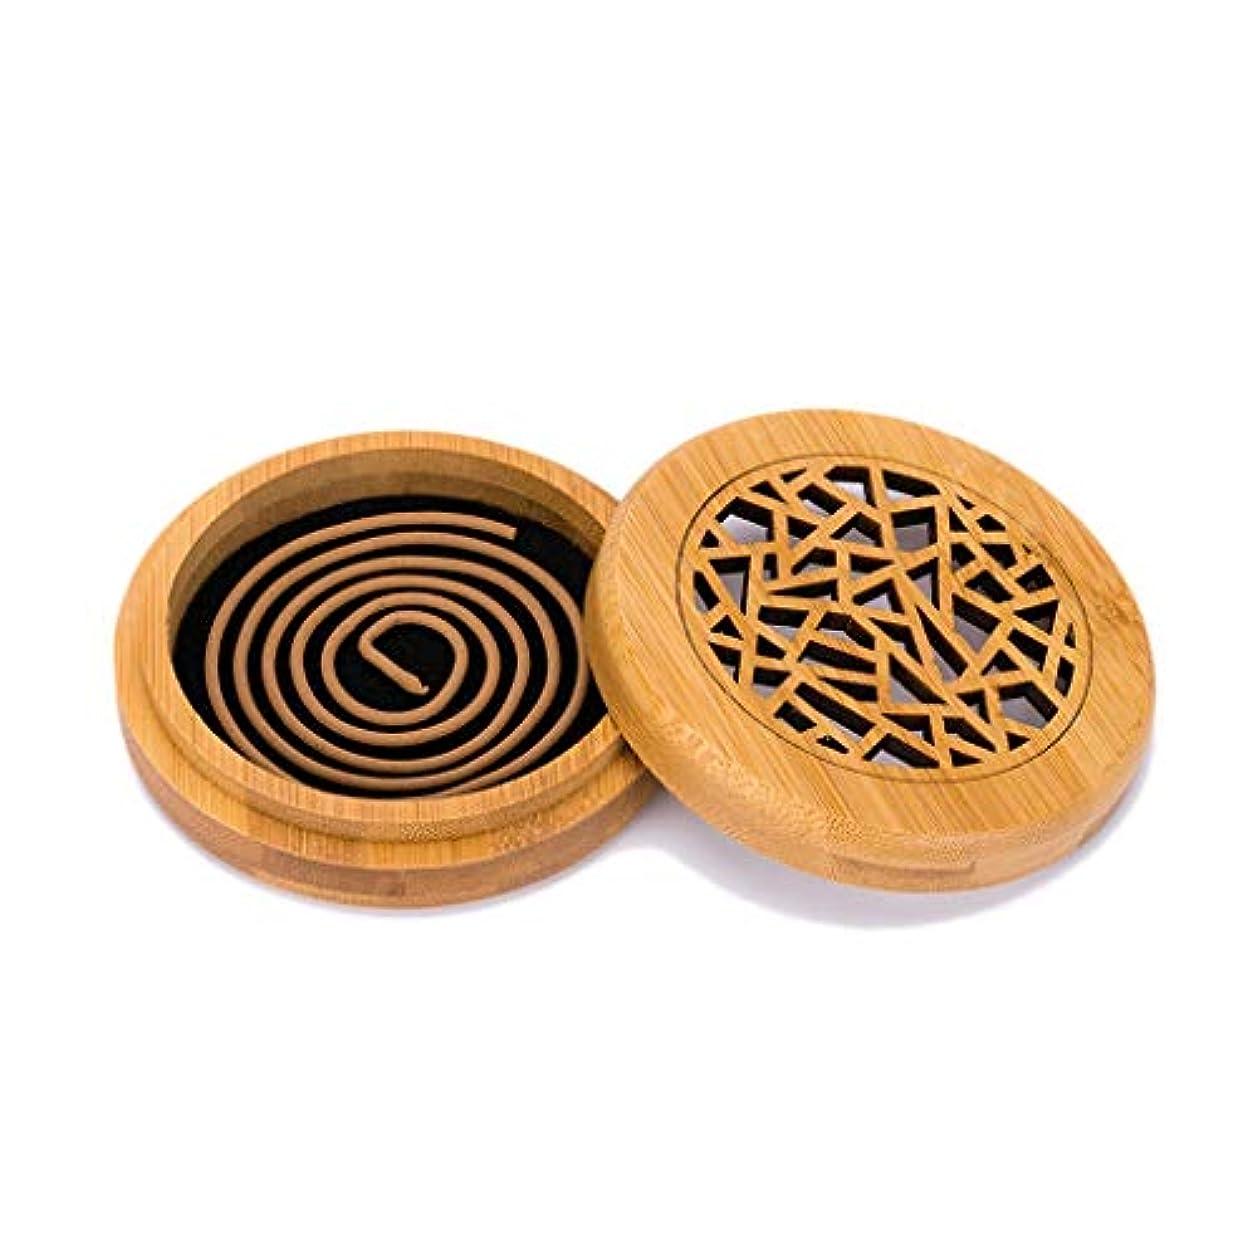 埋め込む通り抜ける解き明かす木製香炉コイル香スティックコーンバーナーホルダー部屋の装飾瞑想竹アッシュキャッチャー香ホルダー (Color : Wood, サイズ : Round)